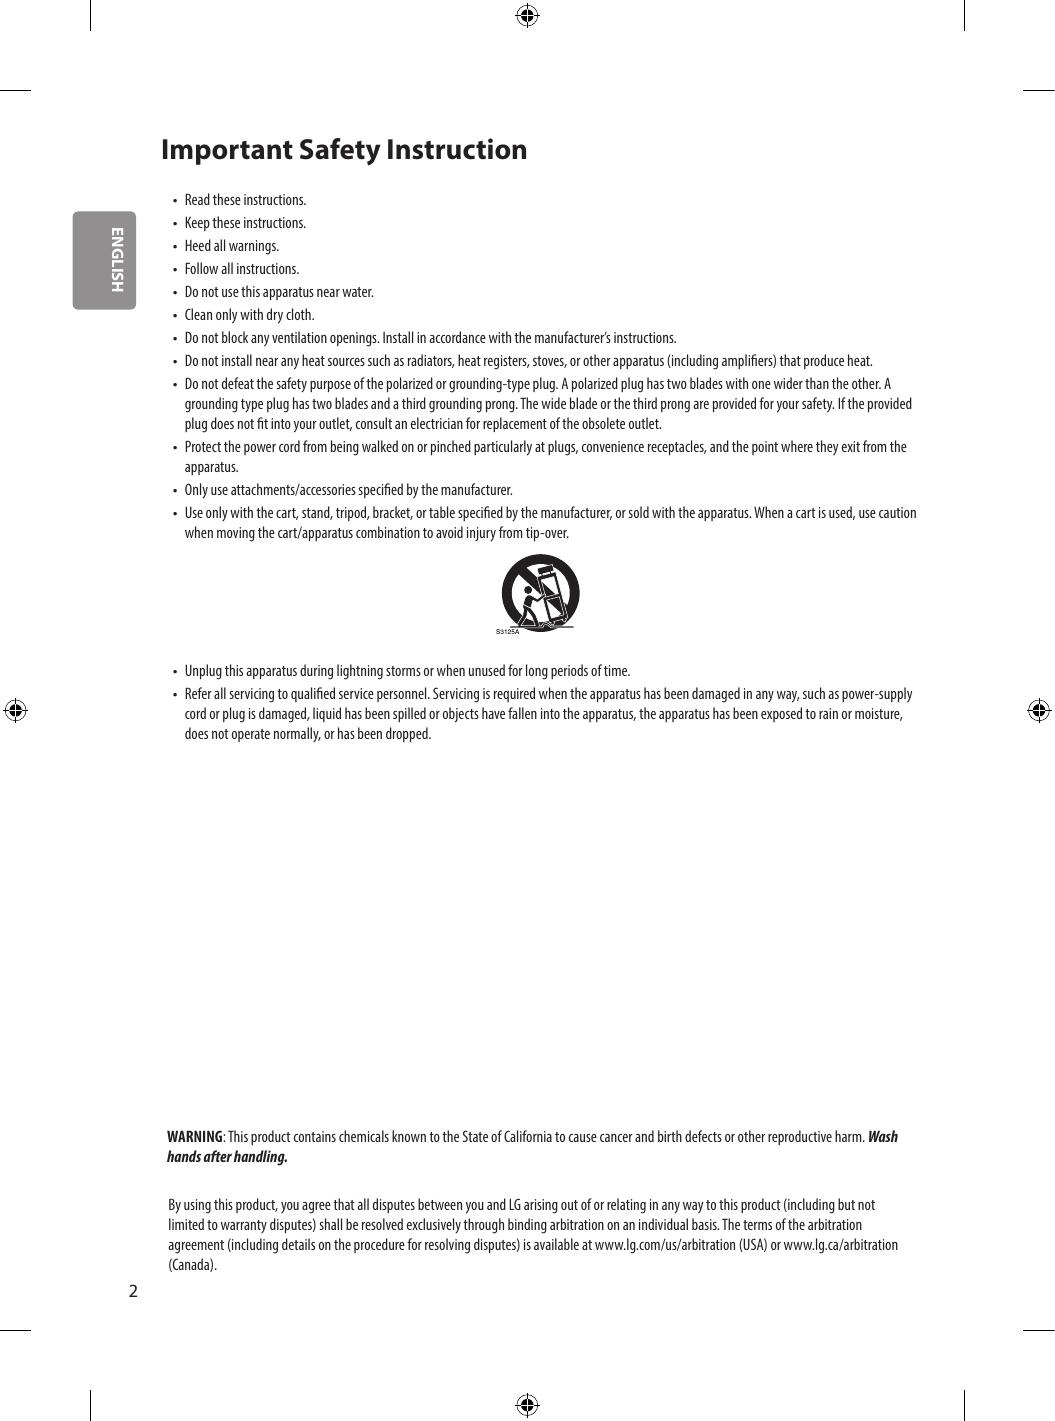 LG OLED77C8PUA User Manual Owner's MFL70320402 00 Q